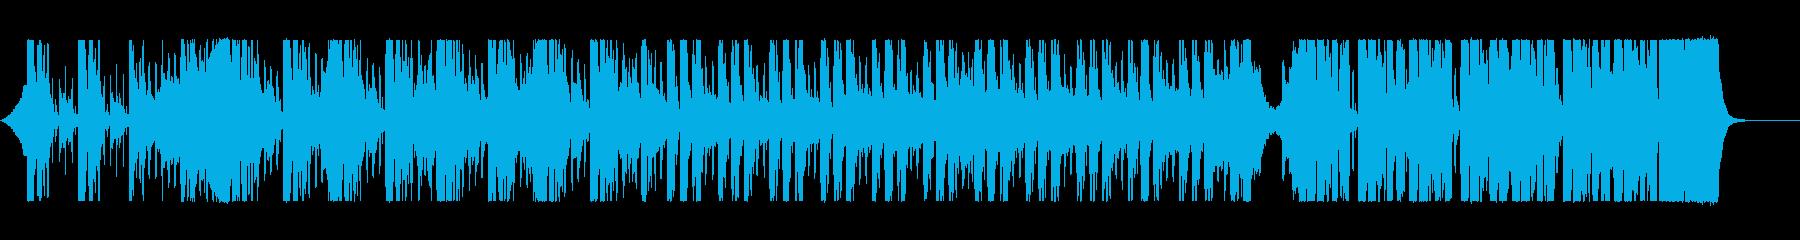 【サントラ】サスペンス風の緊張演出BGMの再生済みの波形